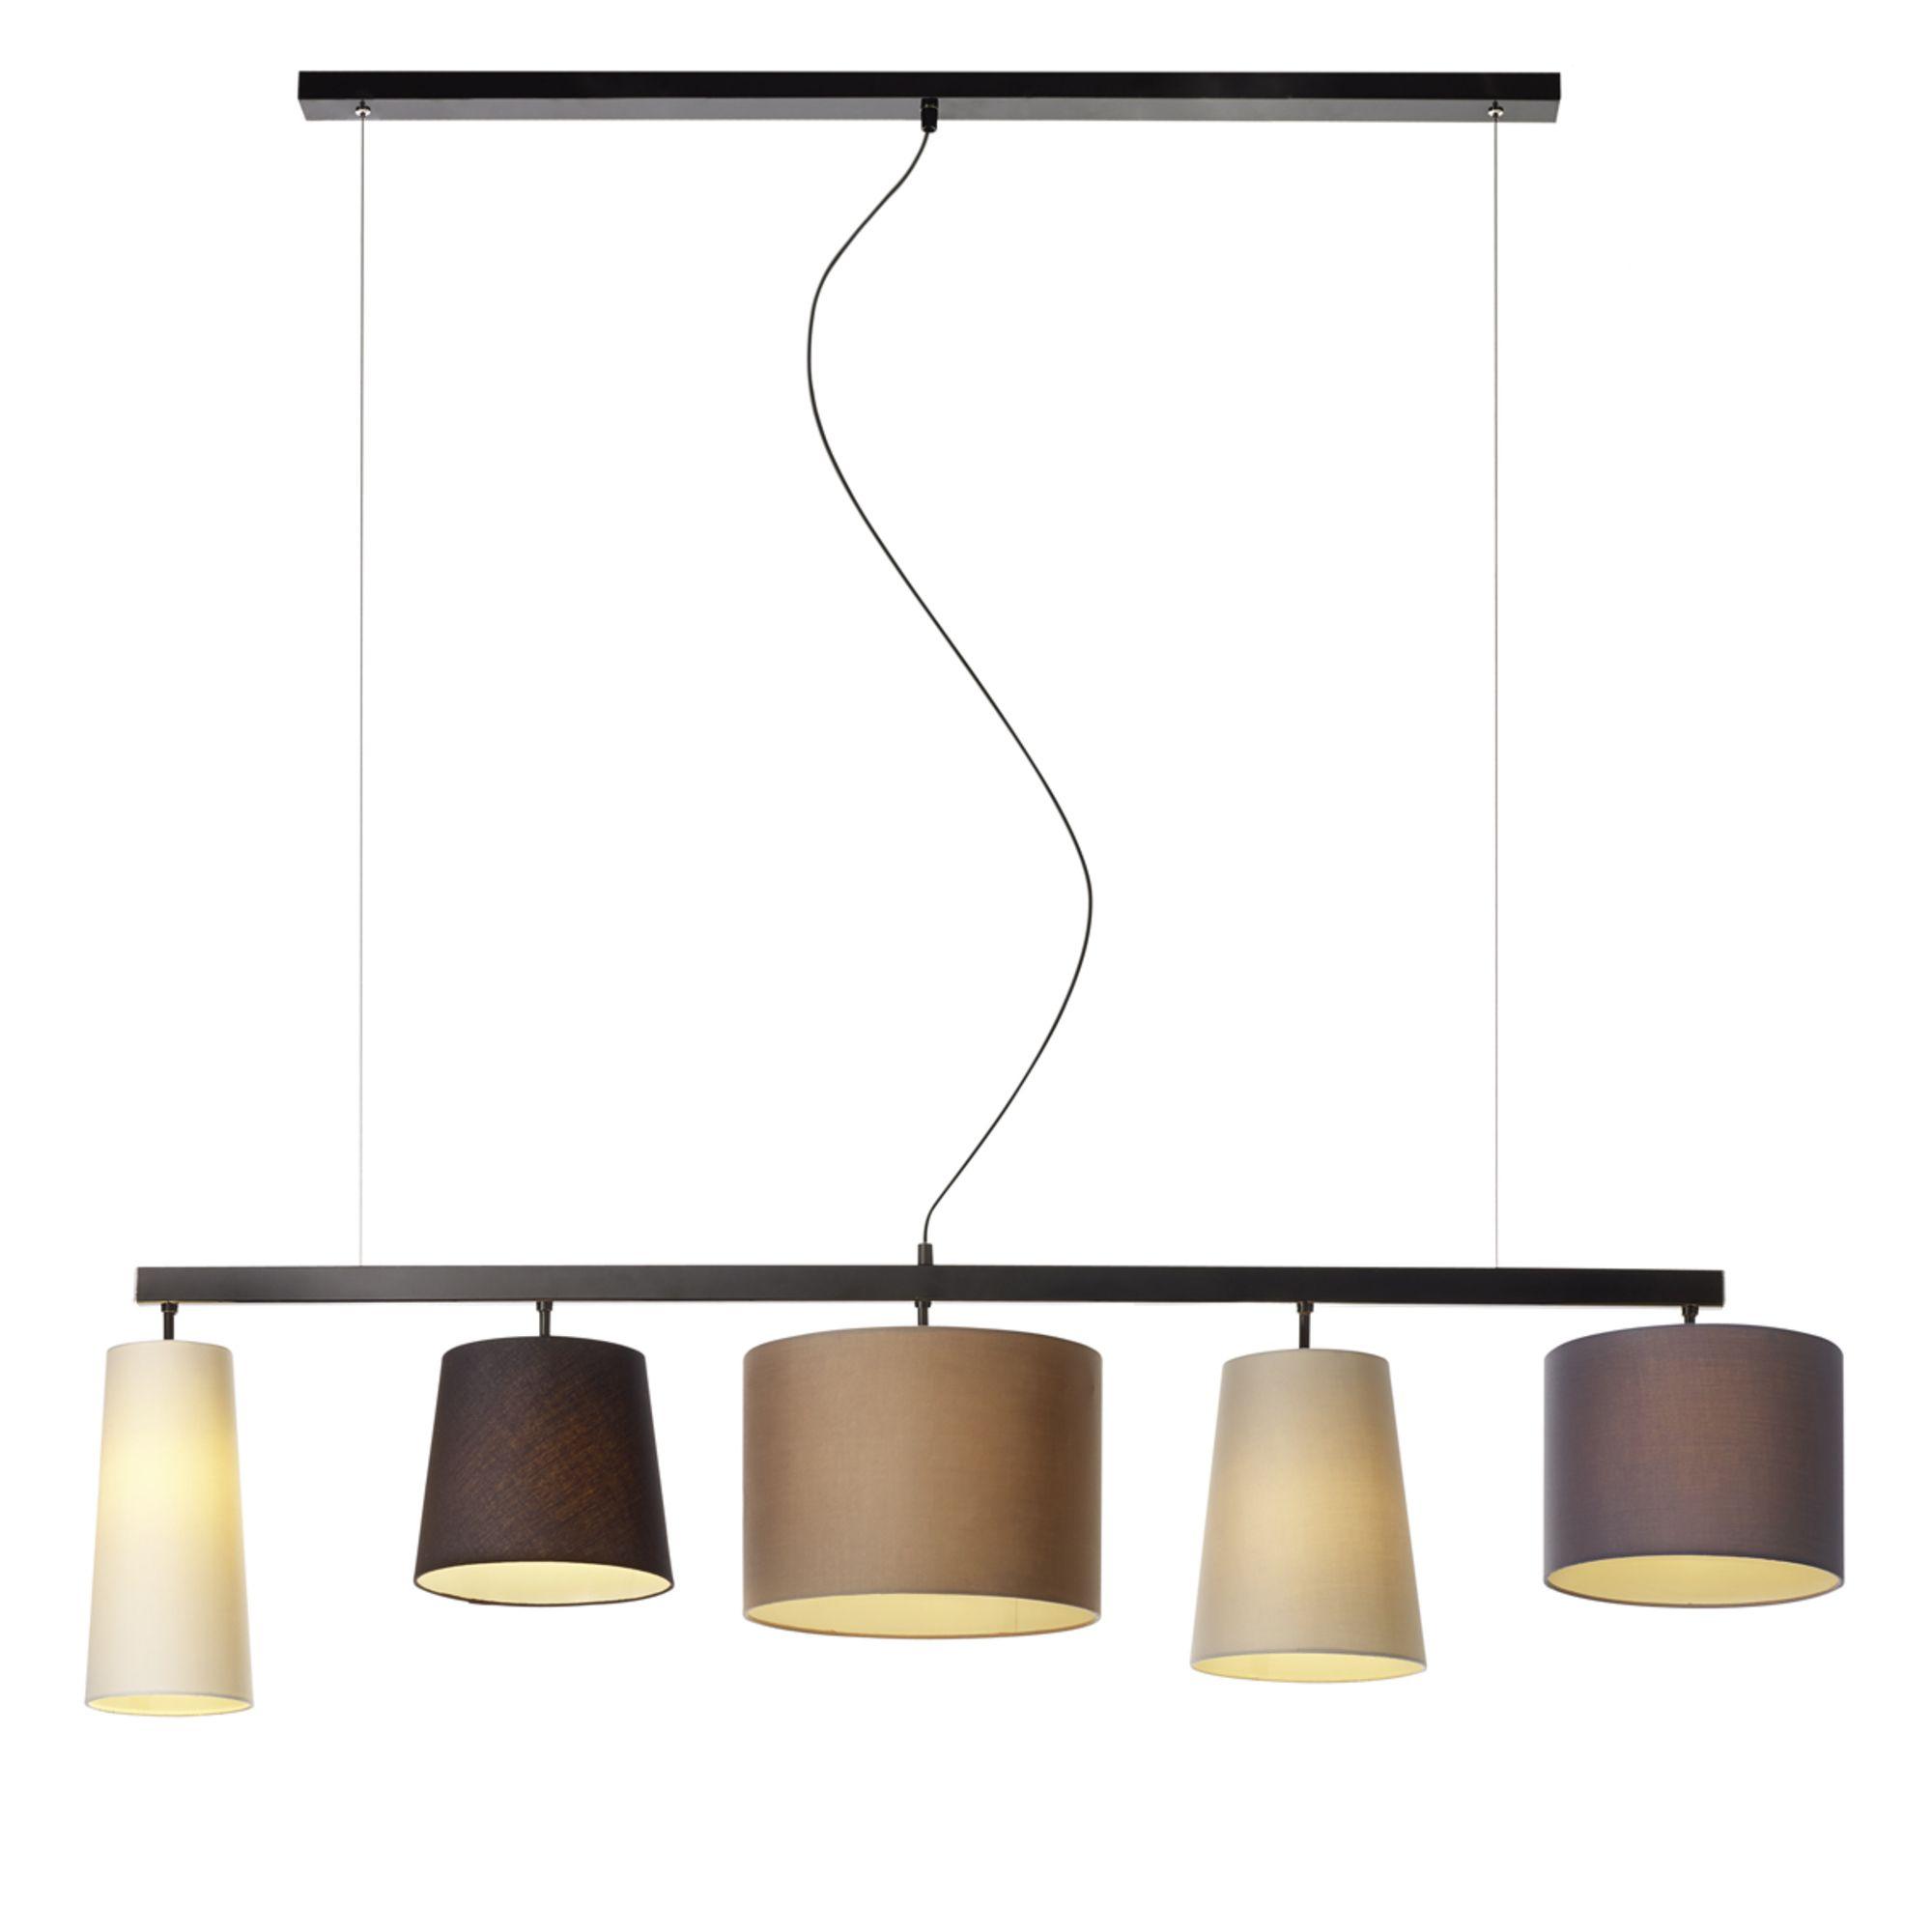 10 Aussergewohnliche Lampen Stilpalast